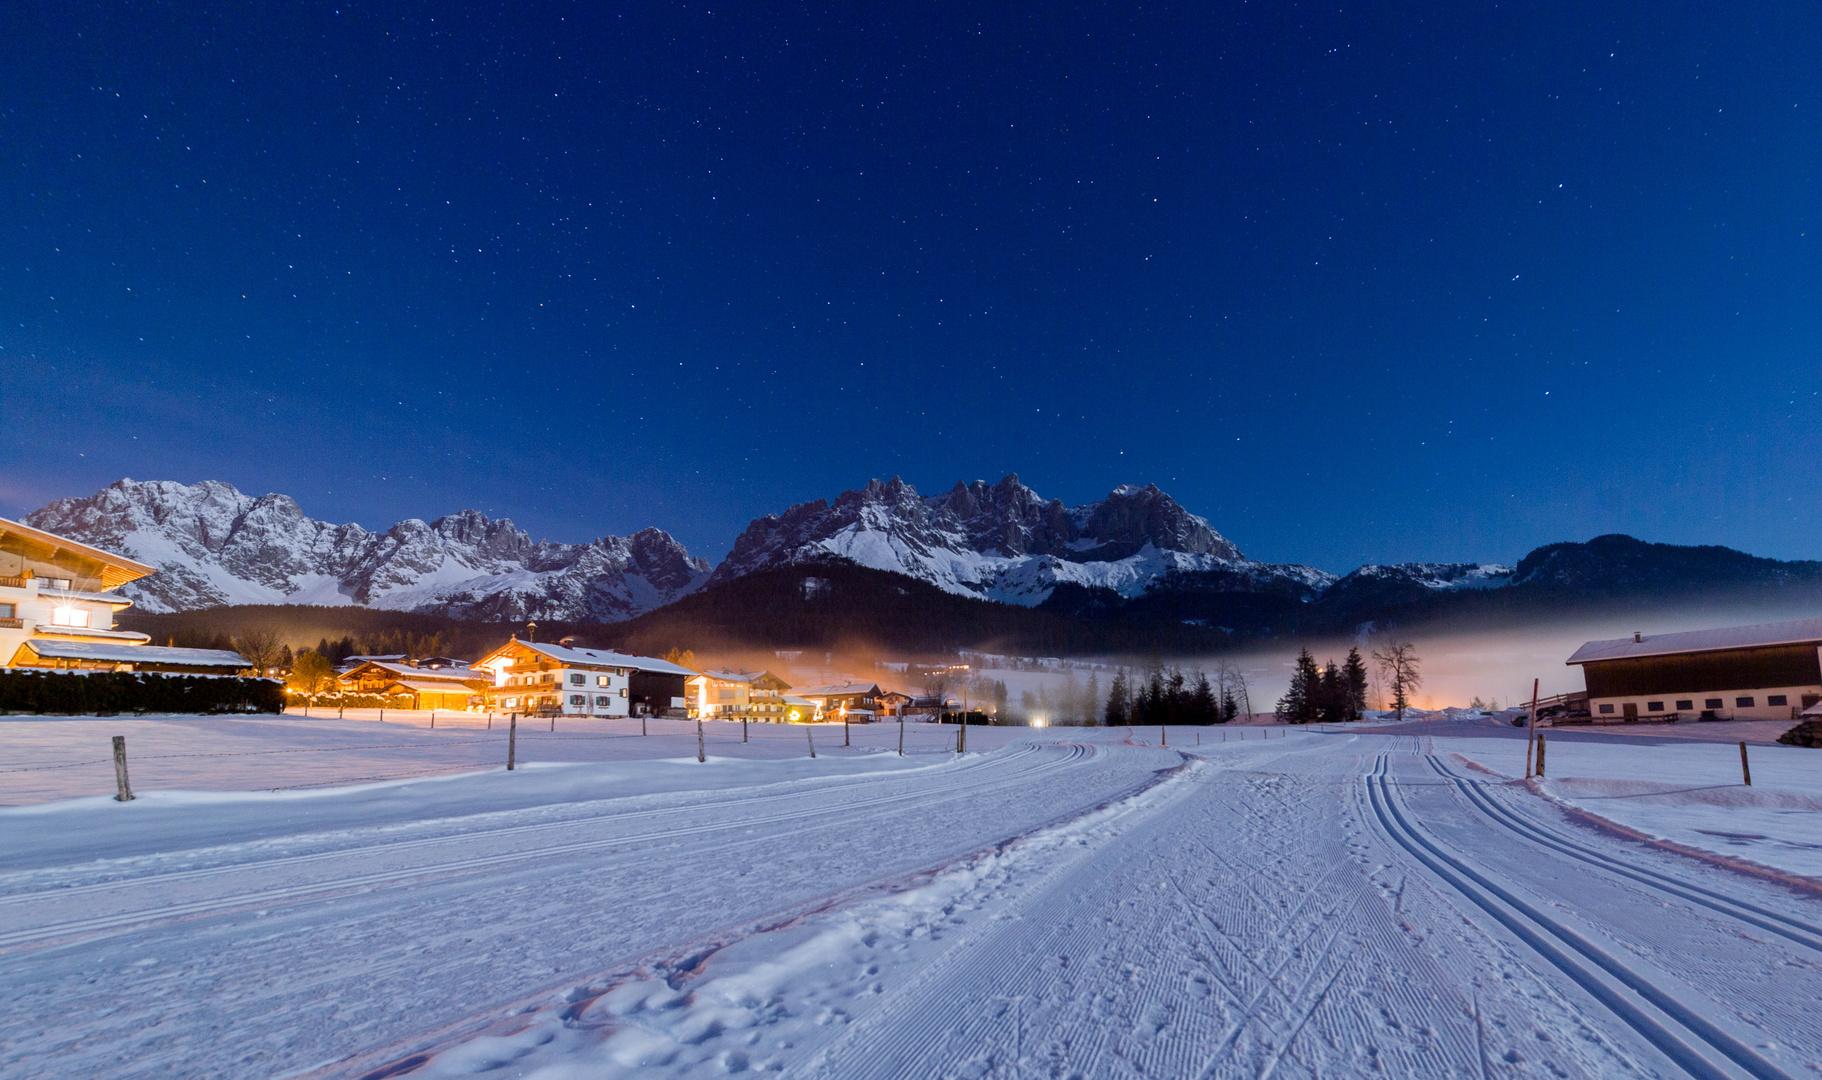 Nightwalk in the alps